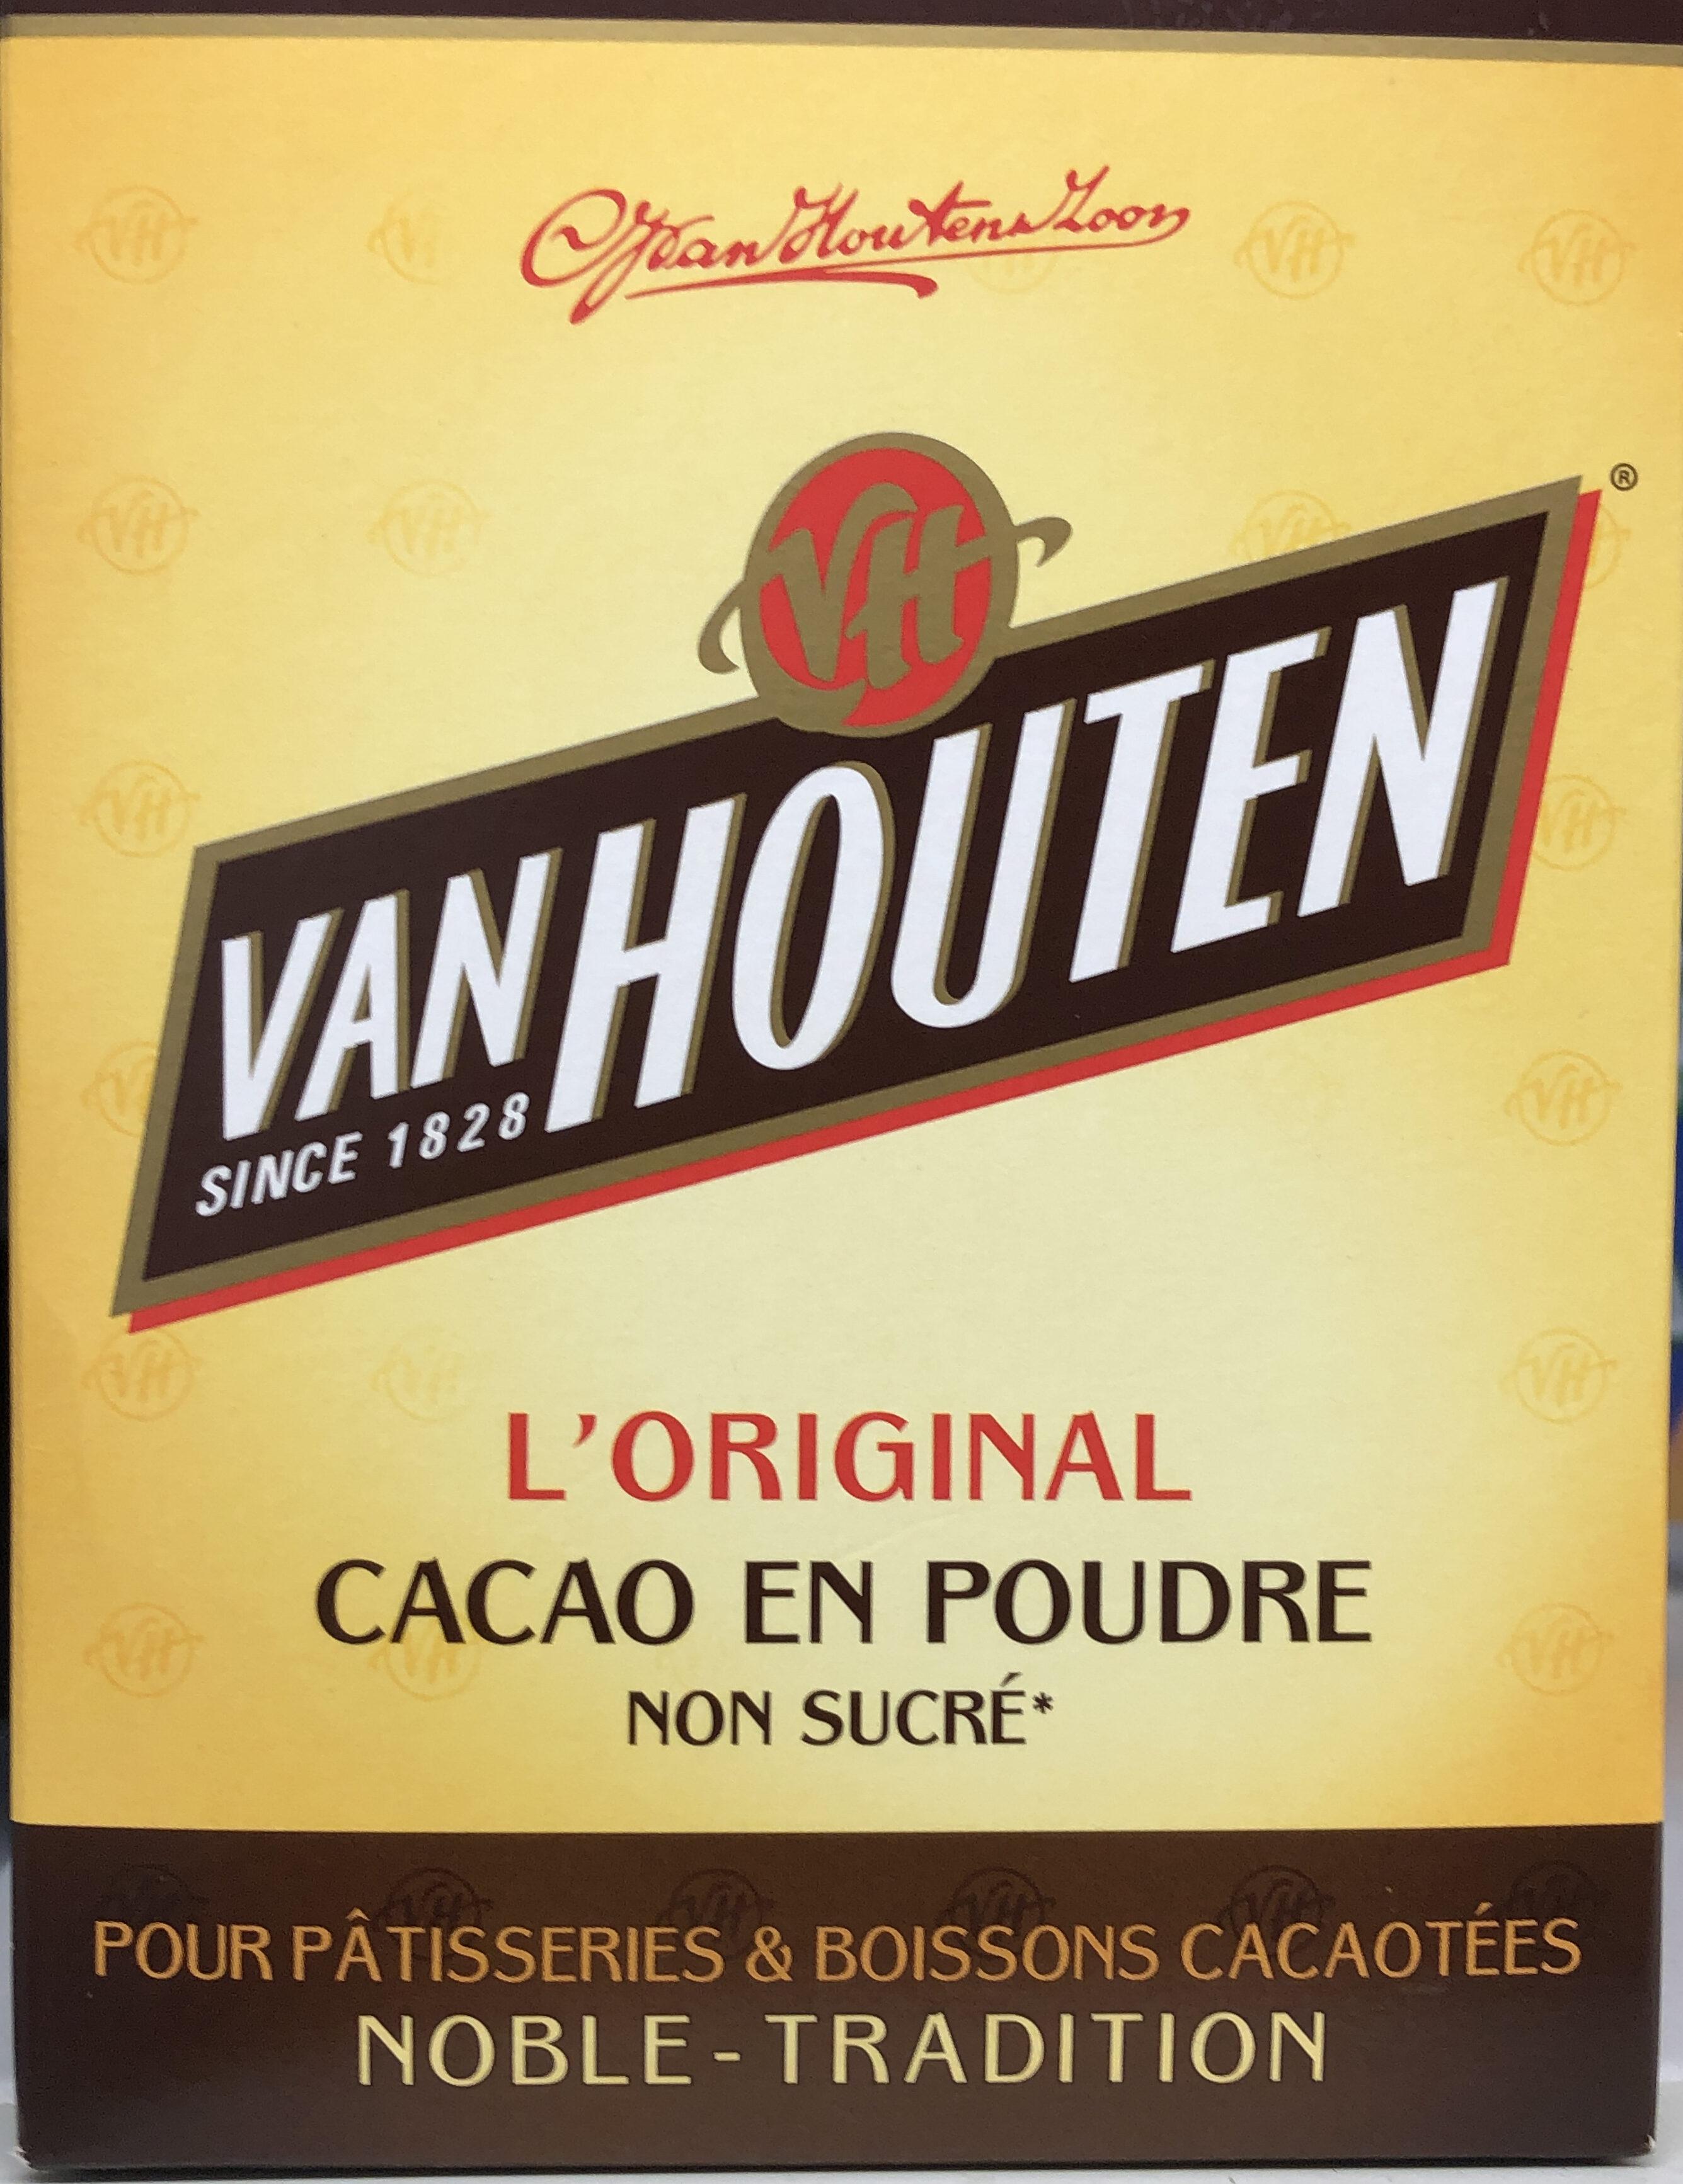 Cacao en poudre non sucré - Prodotto - fr